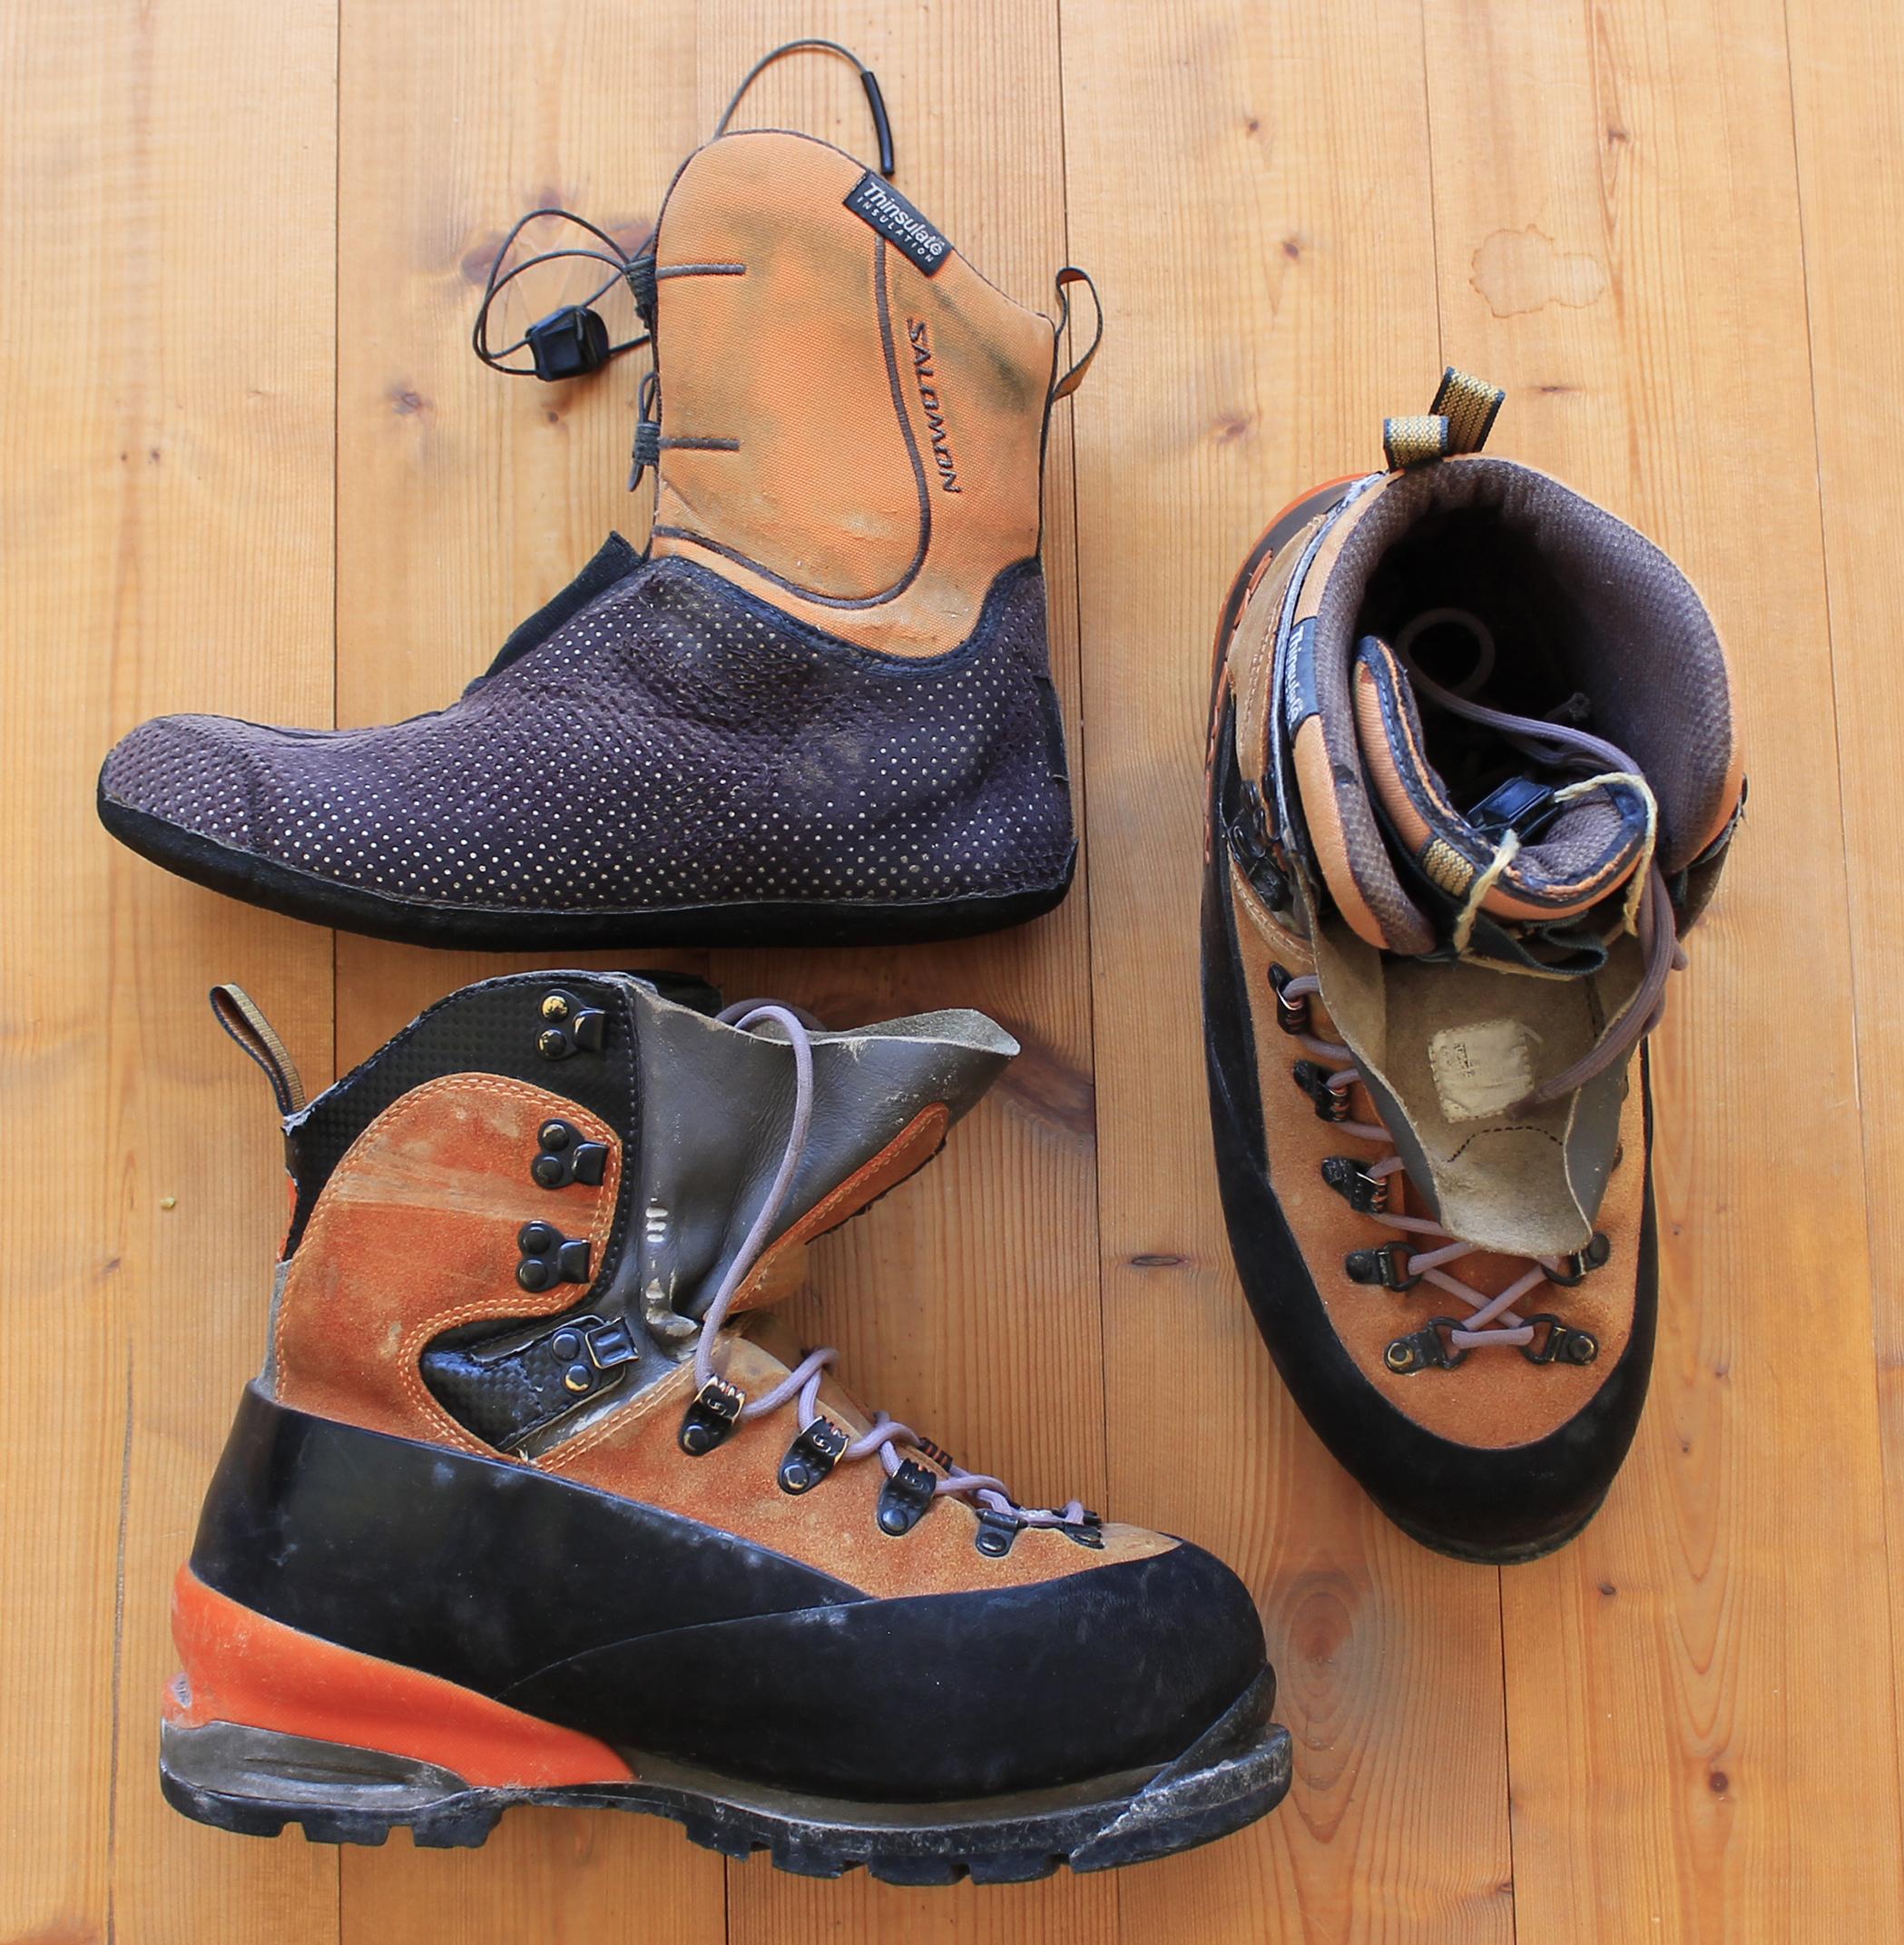 ботинки для восхождения на эльбрус